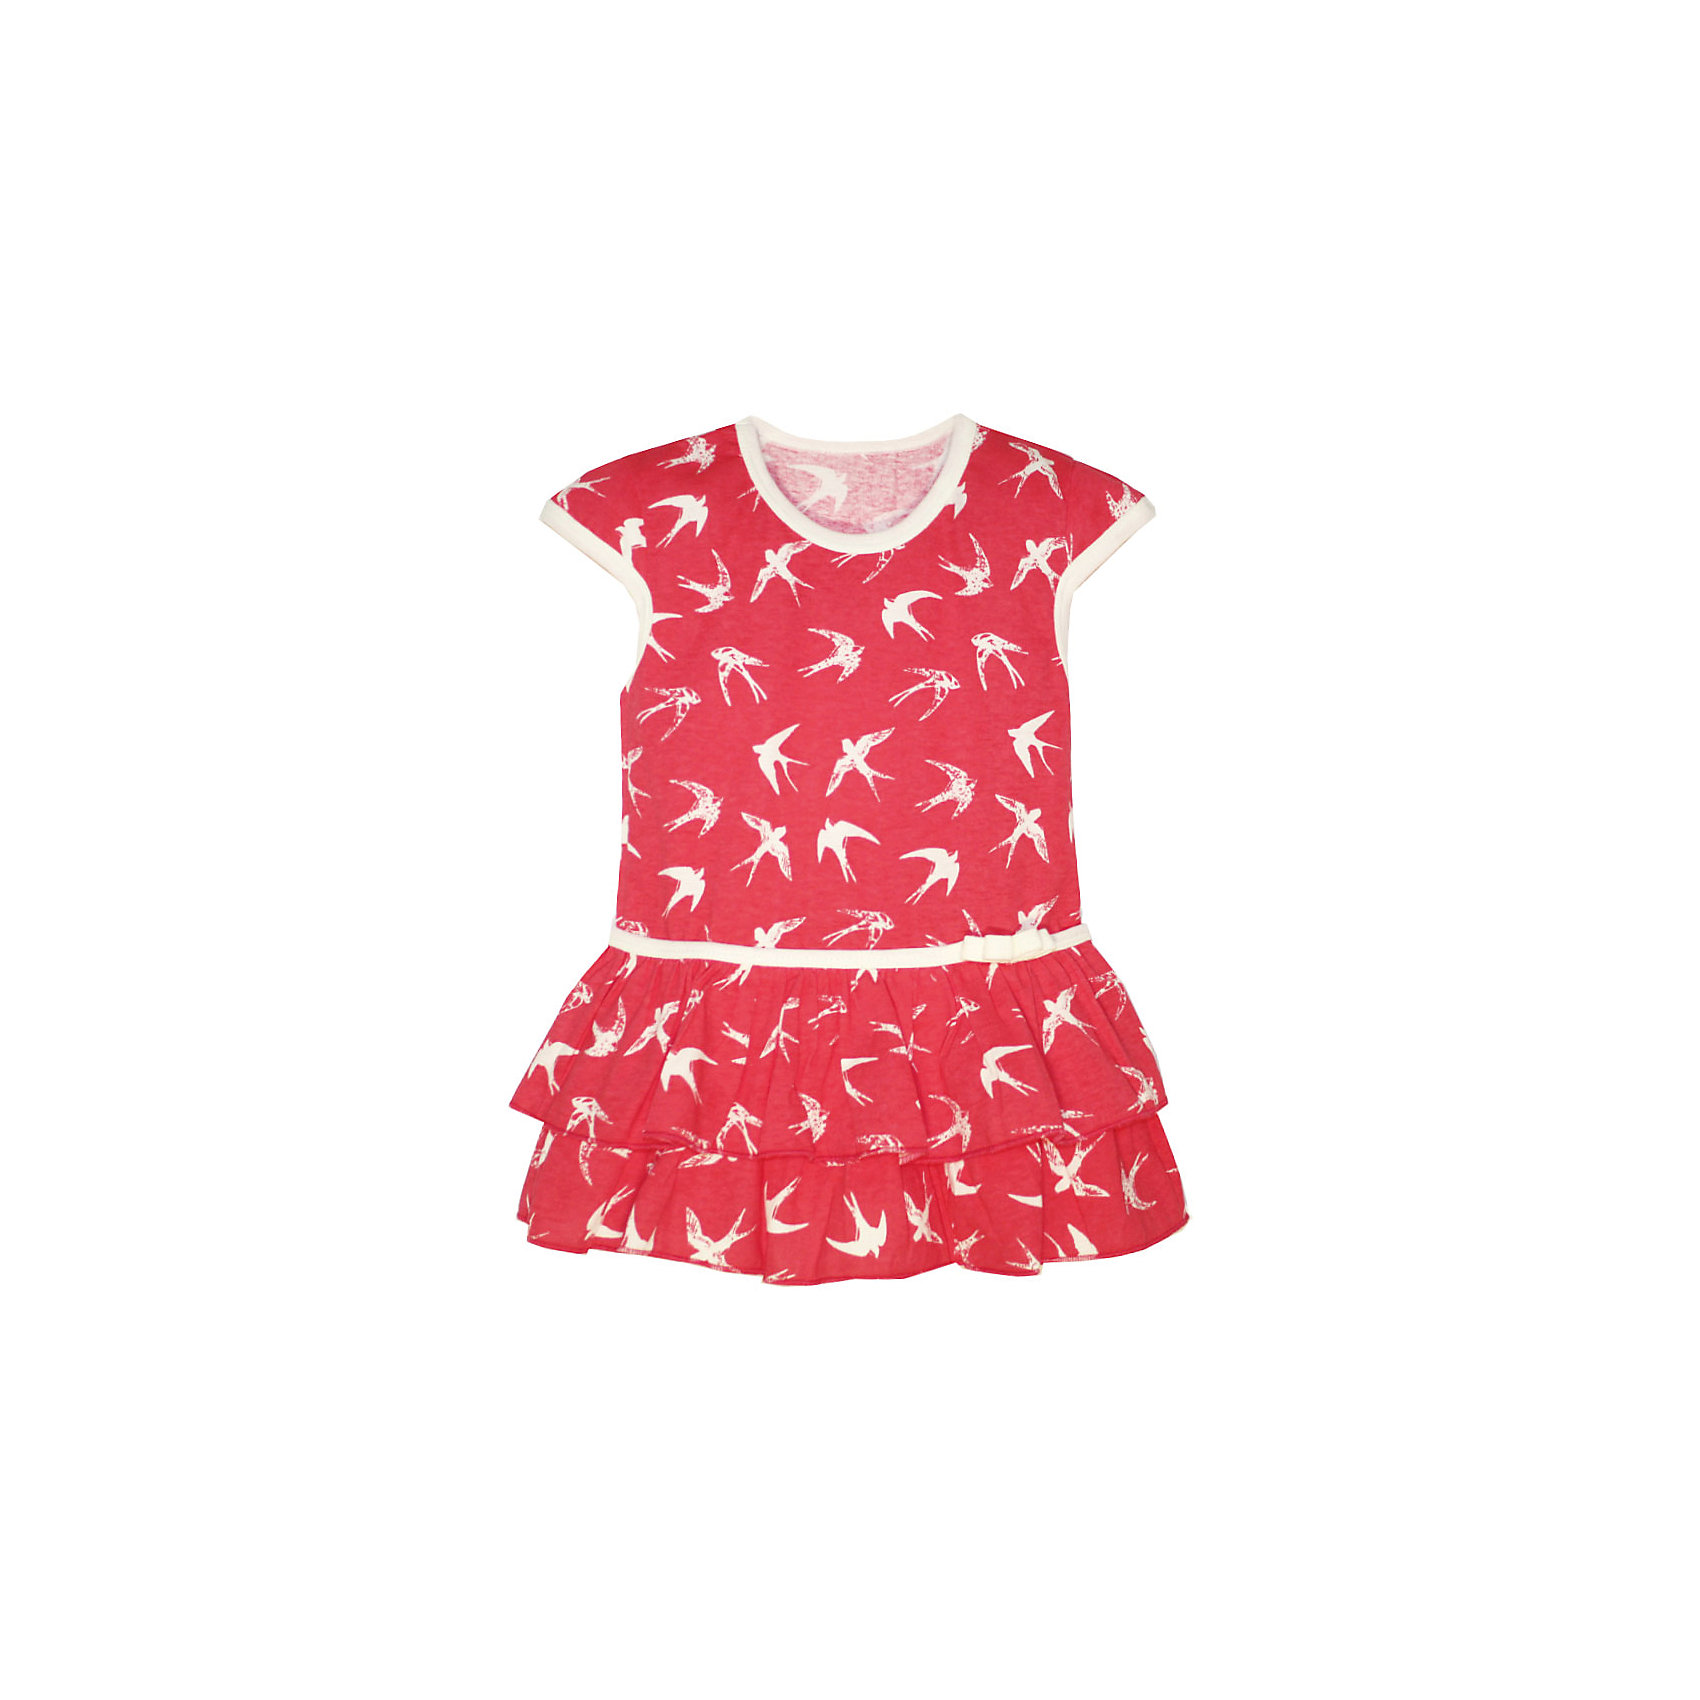 Платье для девочки KotMarKotПлатья и сарафаны<br>Платье для девочки KotMarKot<br>Состав:<br>100% хлопок<br><br>Ширина мм: 236<br>Глубина мм: 16<br>Высота мм: 184<br>Вес г: 177<br>Цвет: розовый<br>Возраст от месяцев: 72<br>Возраст до месяцев: 84<br>Пол: Женский<br>Возраст: Детский<br>Размер: 122,92,98,104,110,116<br>SKU: 6755175